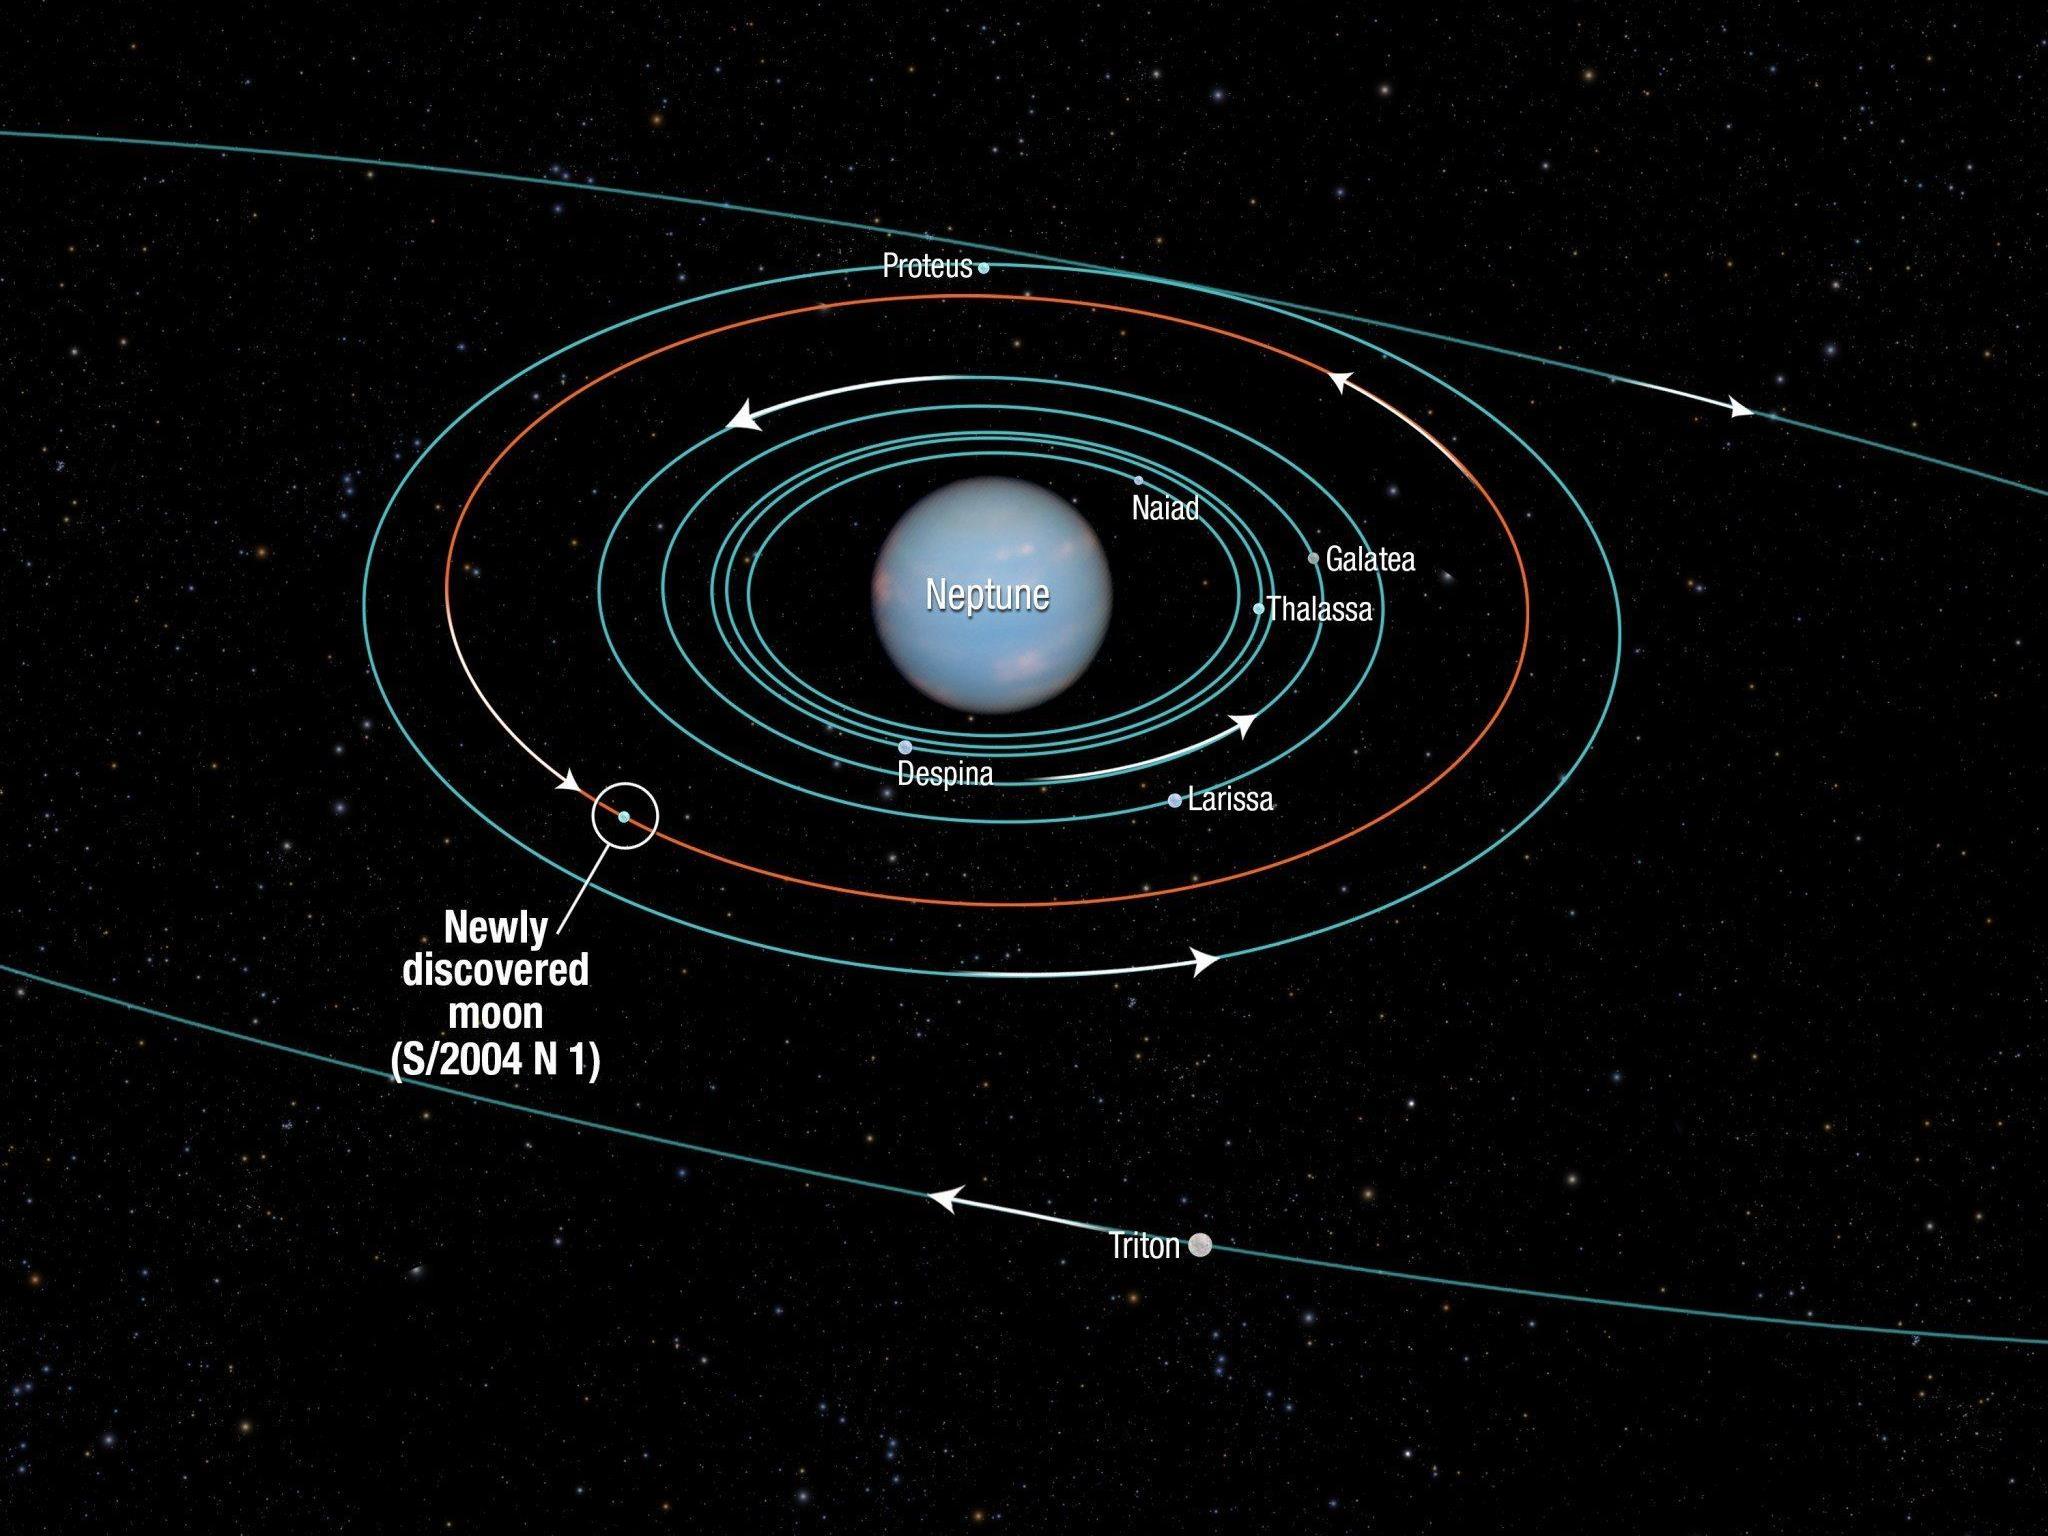 NASA: 14. Neptun-Mond hat rund 19 Kilometer Durchmesser.